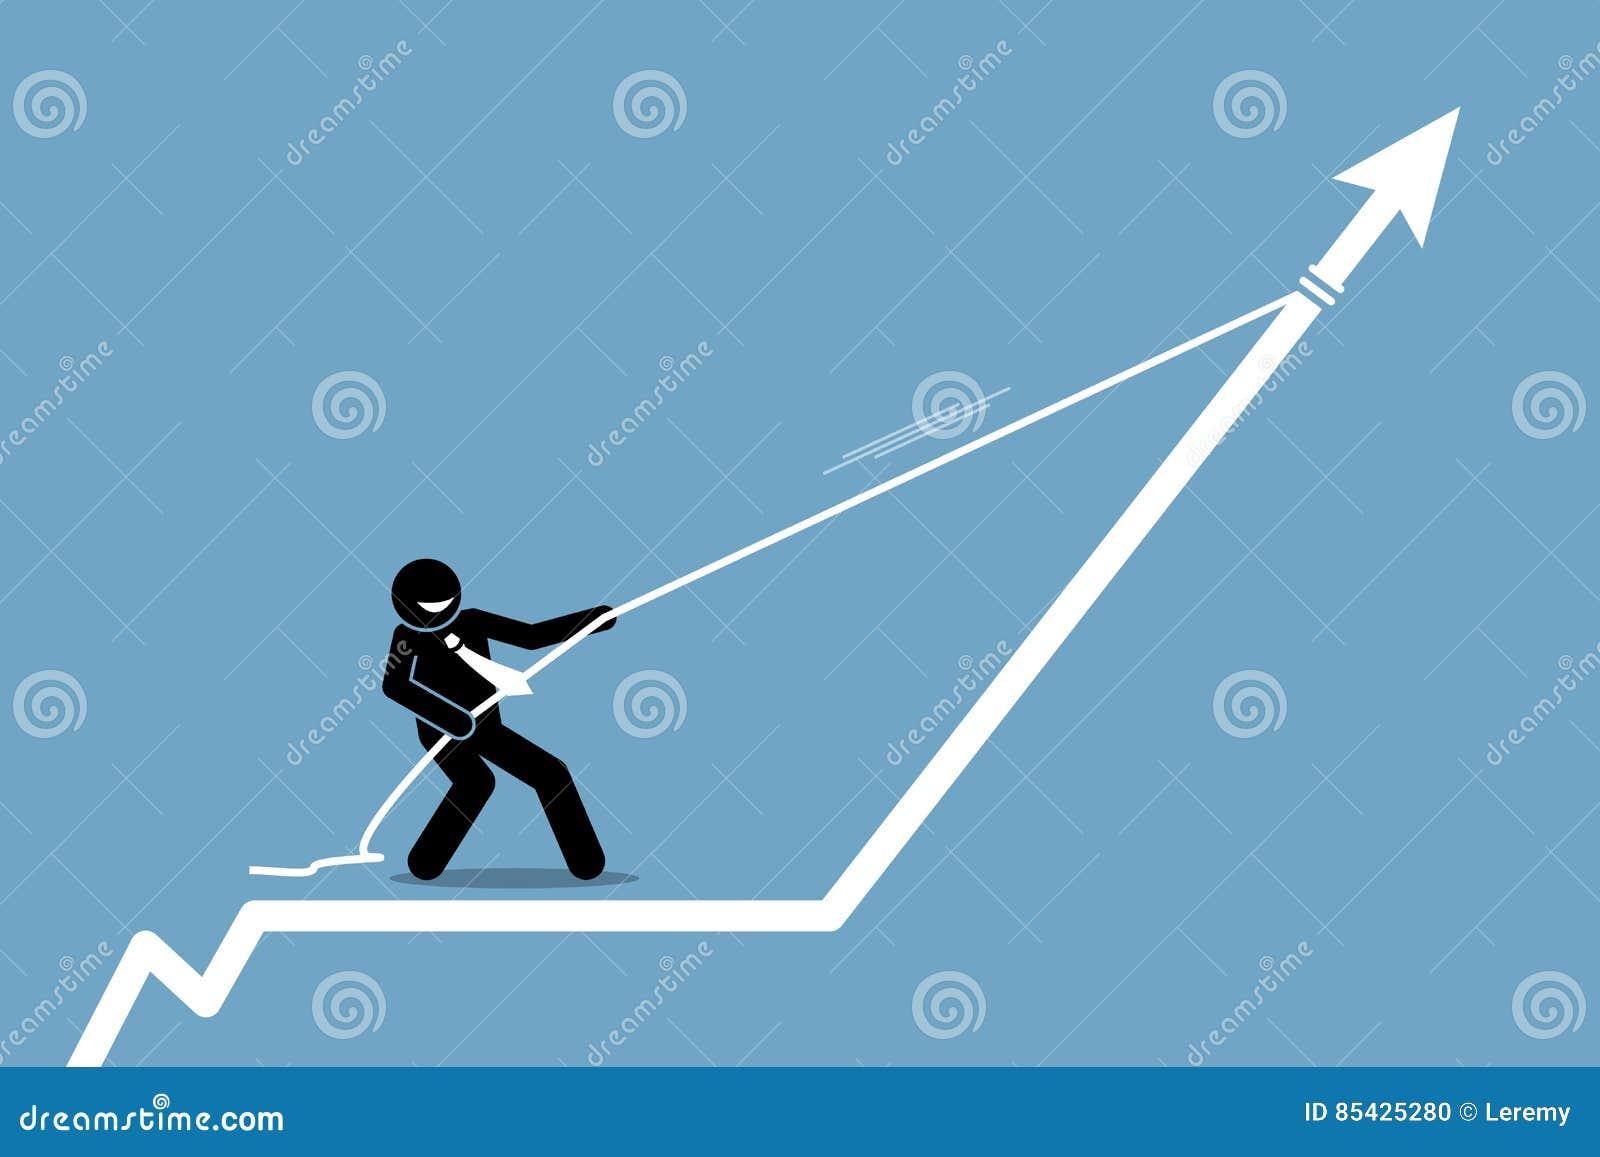 Επιχειρηματίας που τραβά το διάγραμμα γραφικών παραστάσεων βελών επάνω με ένα σχοινί